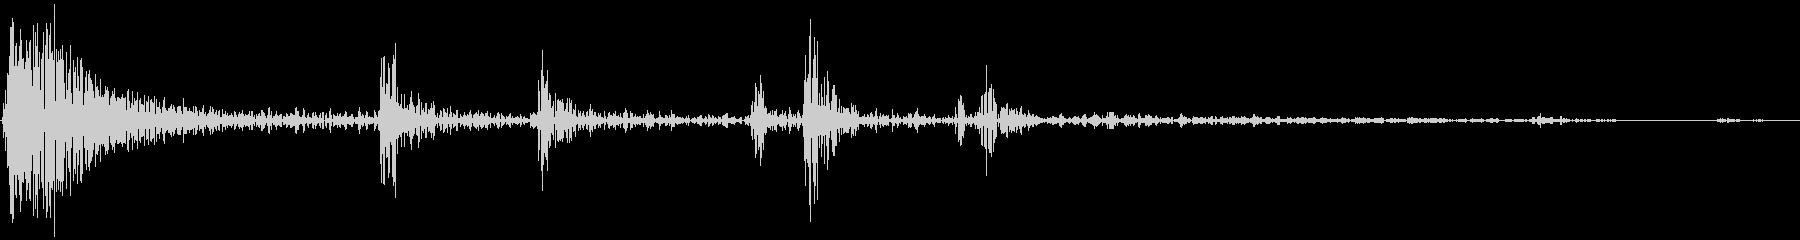 麻雀 リーチ棒を出す音の未再生の波形